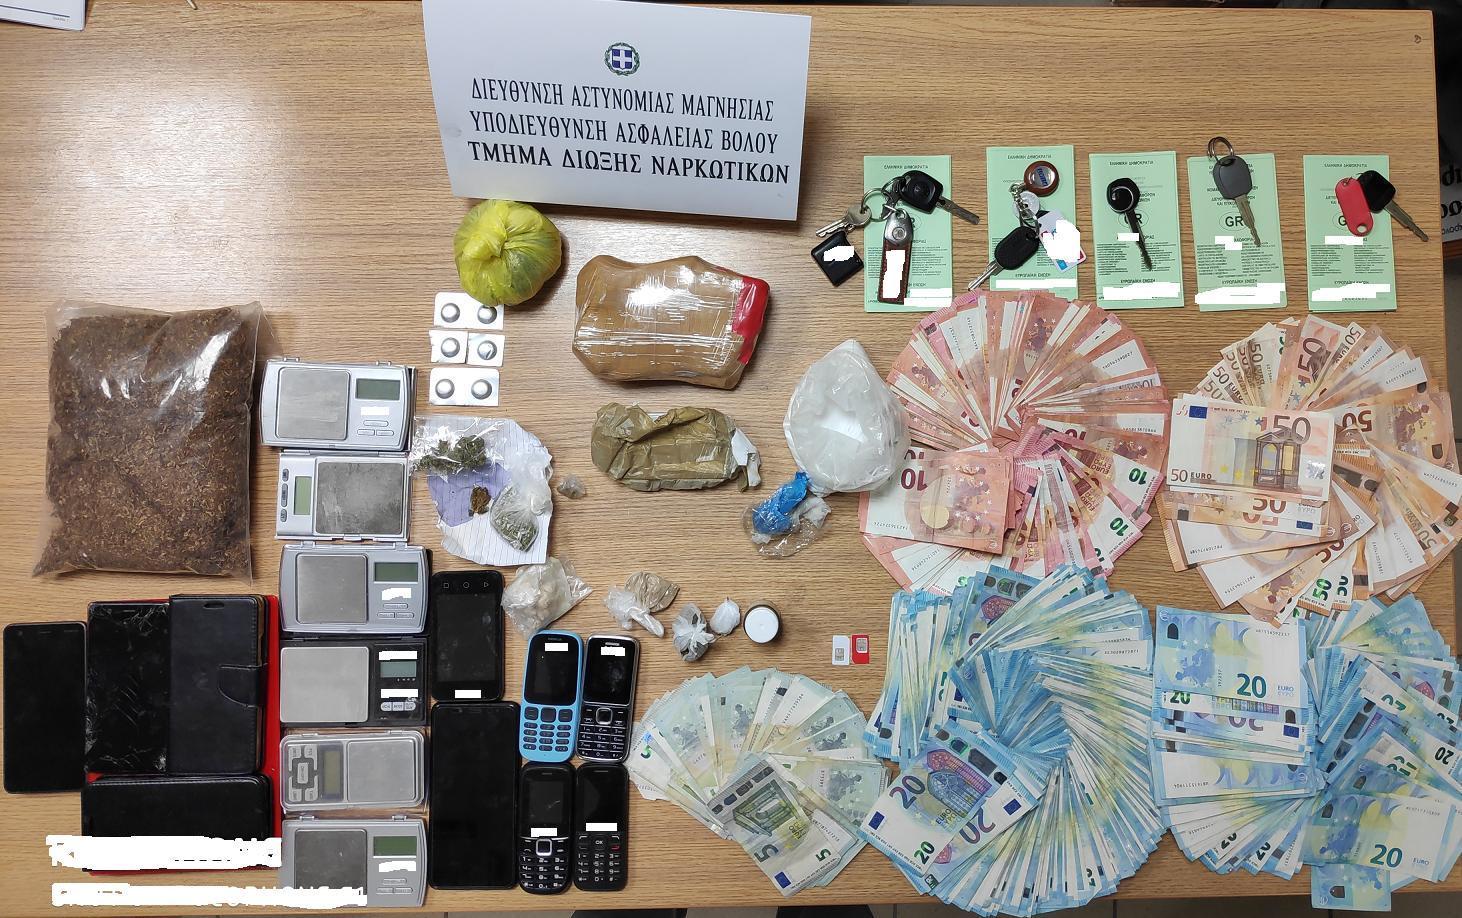 Εξαρθρώθηκαν δύο εγκληματικές οργανώσεις διακίνησης ηρωίνης στην ευρύτερη περιοχή της Μαγνησίας